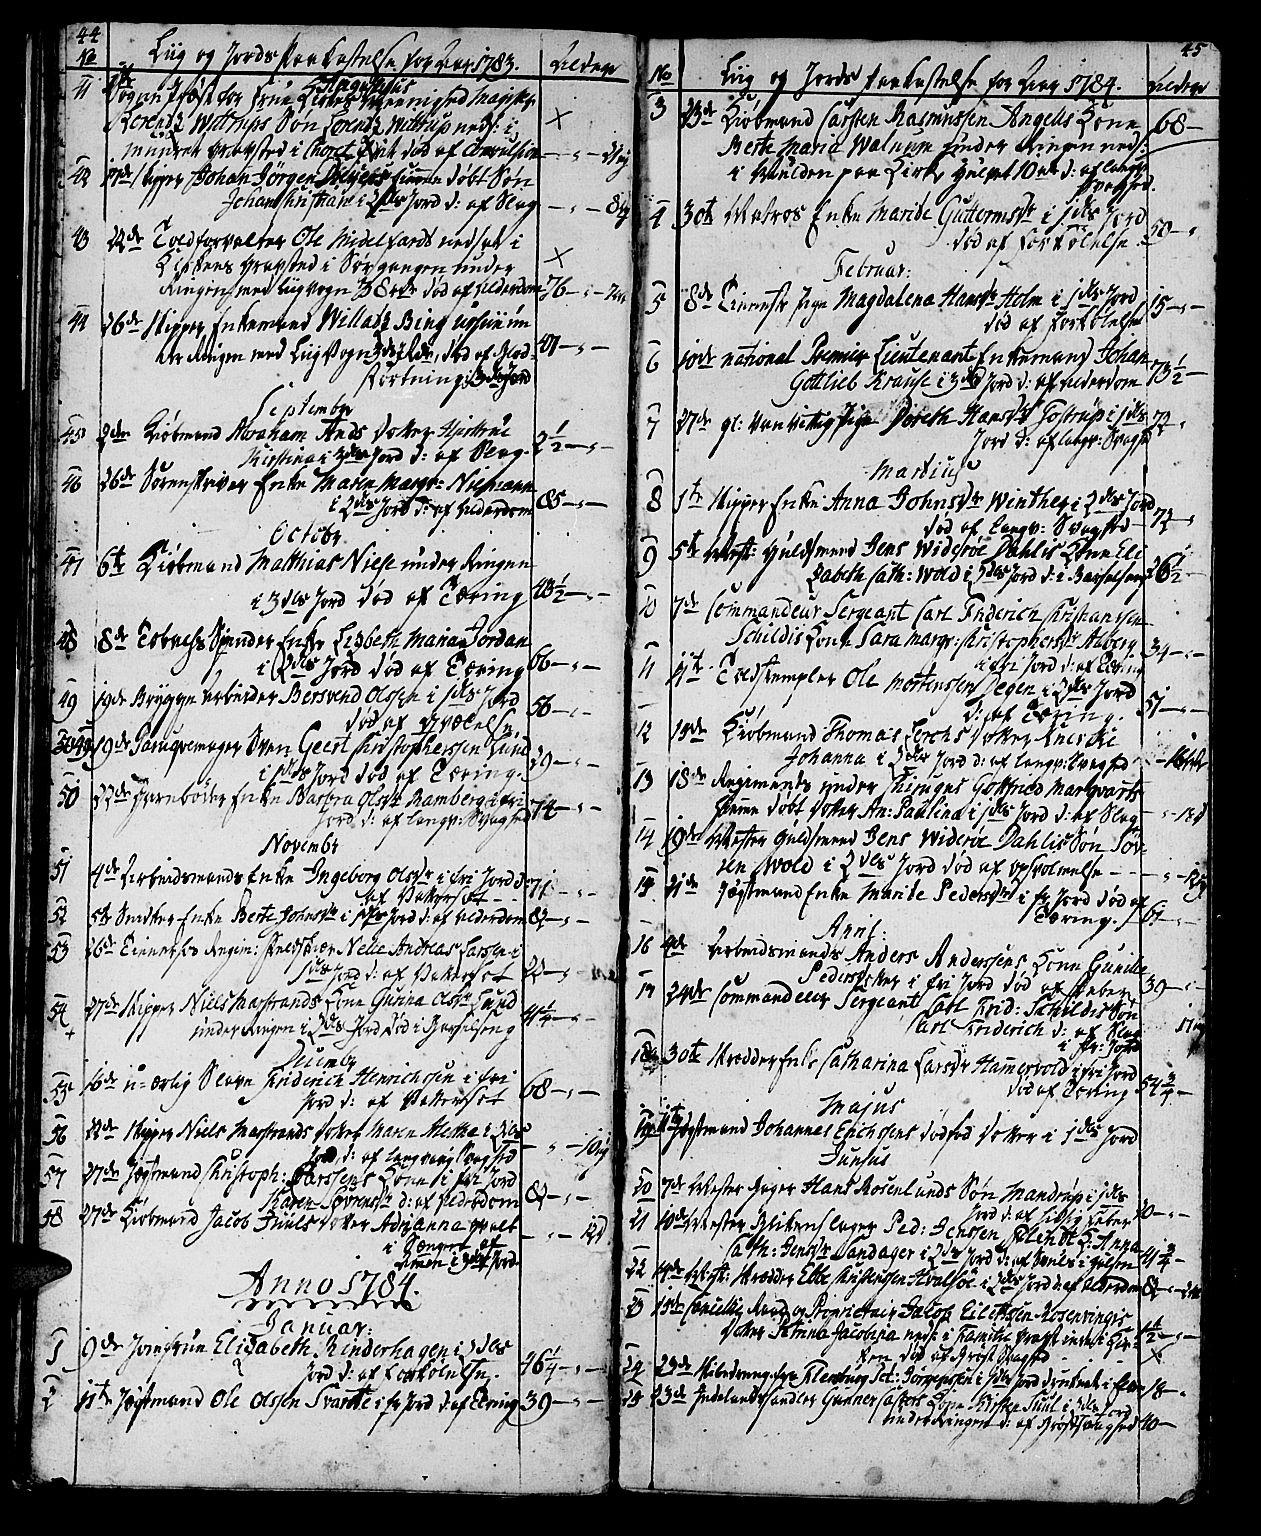 SAT, Ministerialprotokoller, klokkerbøker og fødselsregistre - Sør-Trøndelag, 602/L0134: Klokkerbok nr. 602C02, 1759-1812, s. 44-45